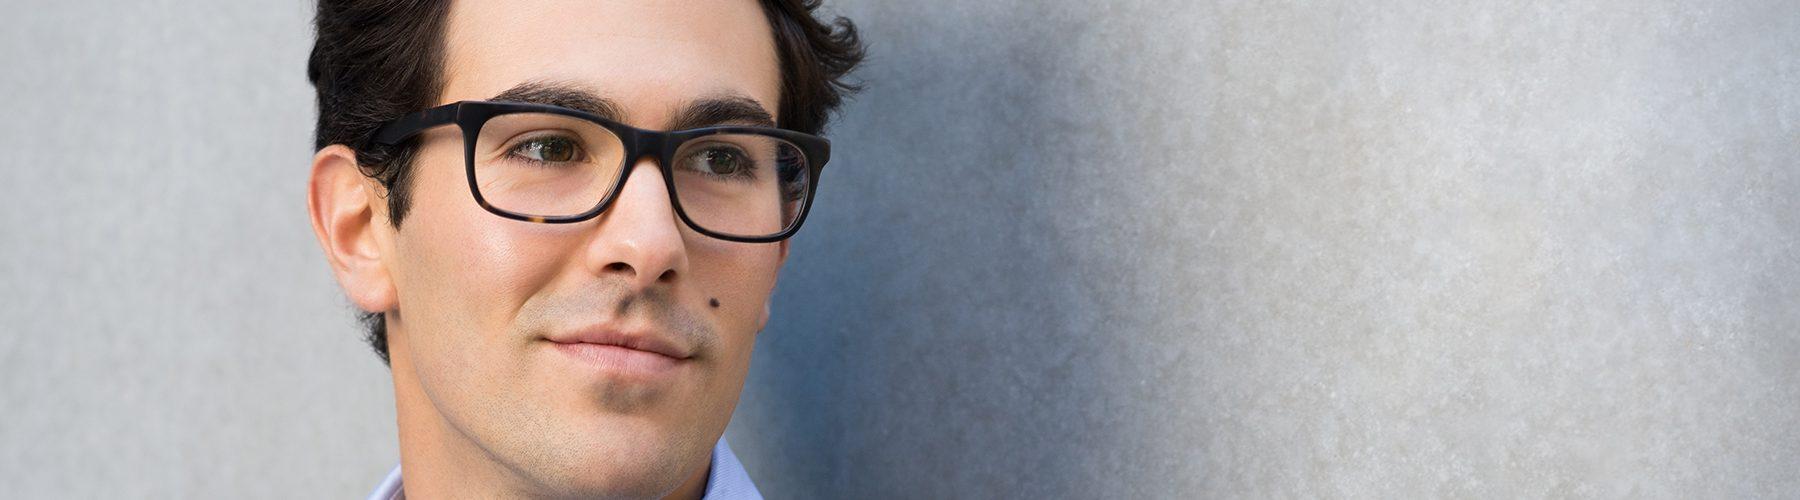 เทคนิคเลือกแว่นตาให้เข้ากับรูปหน้า